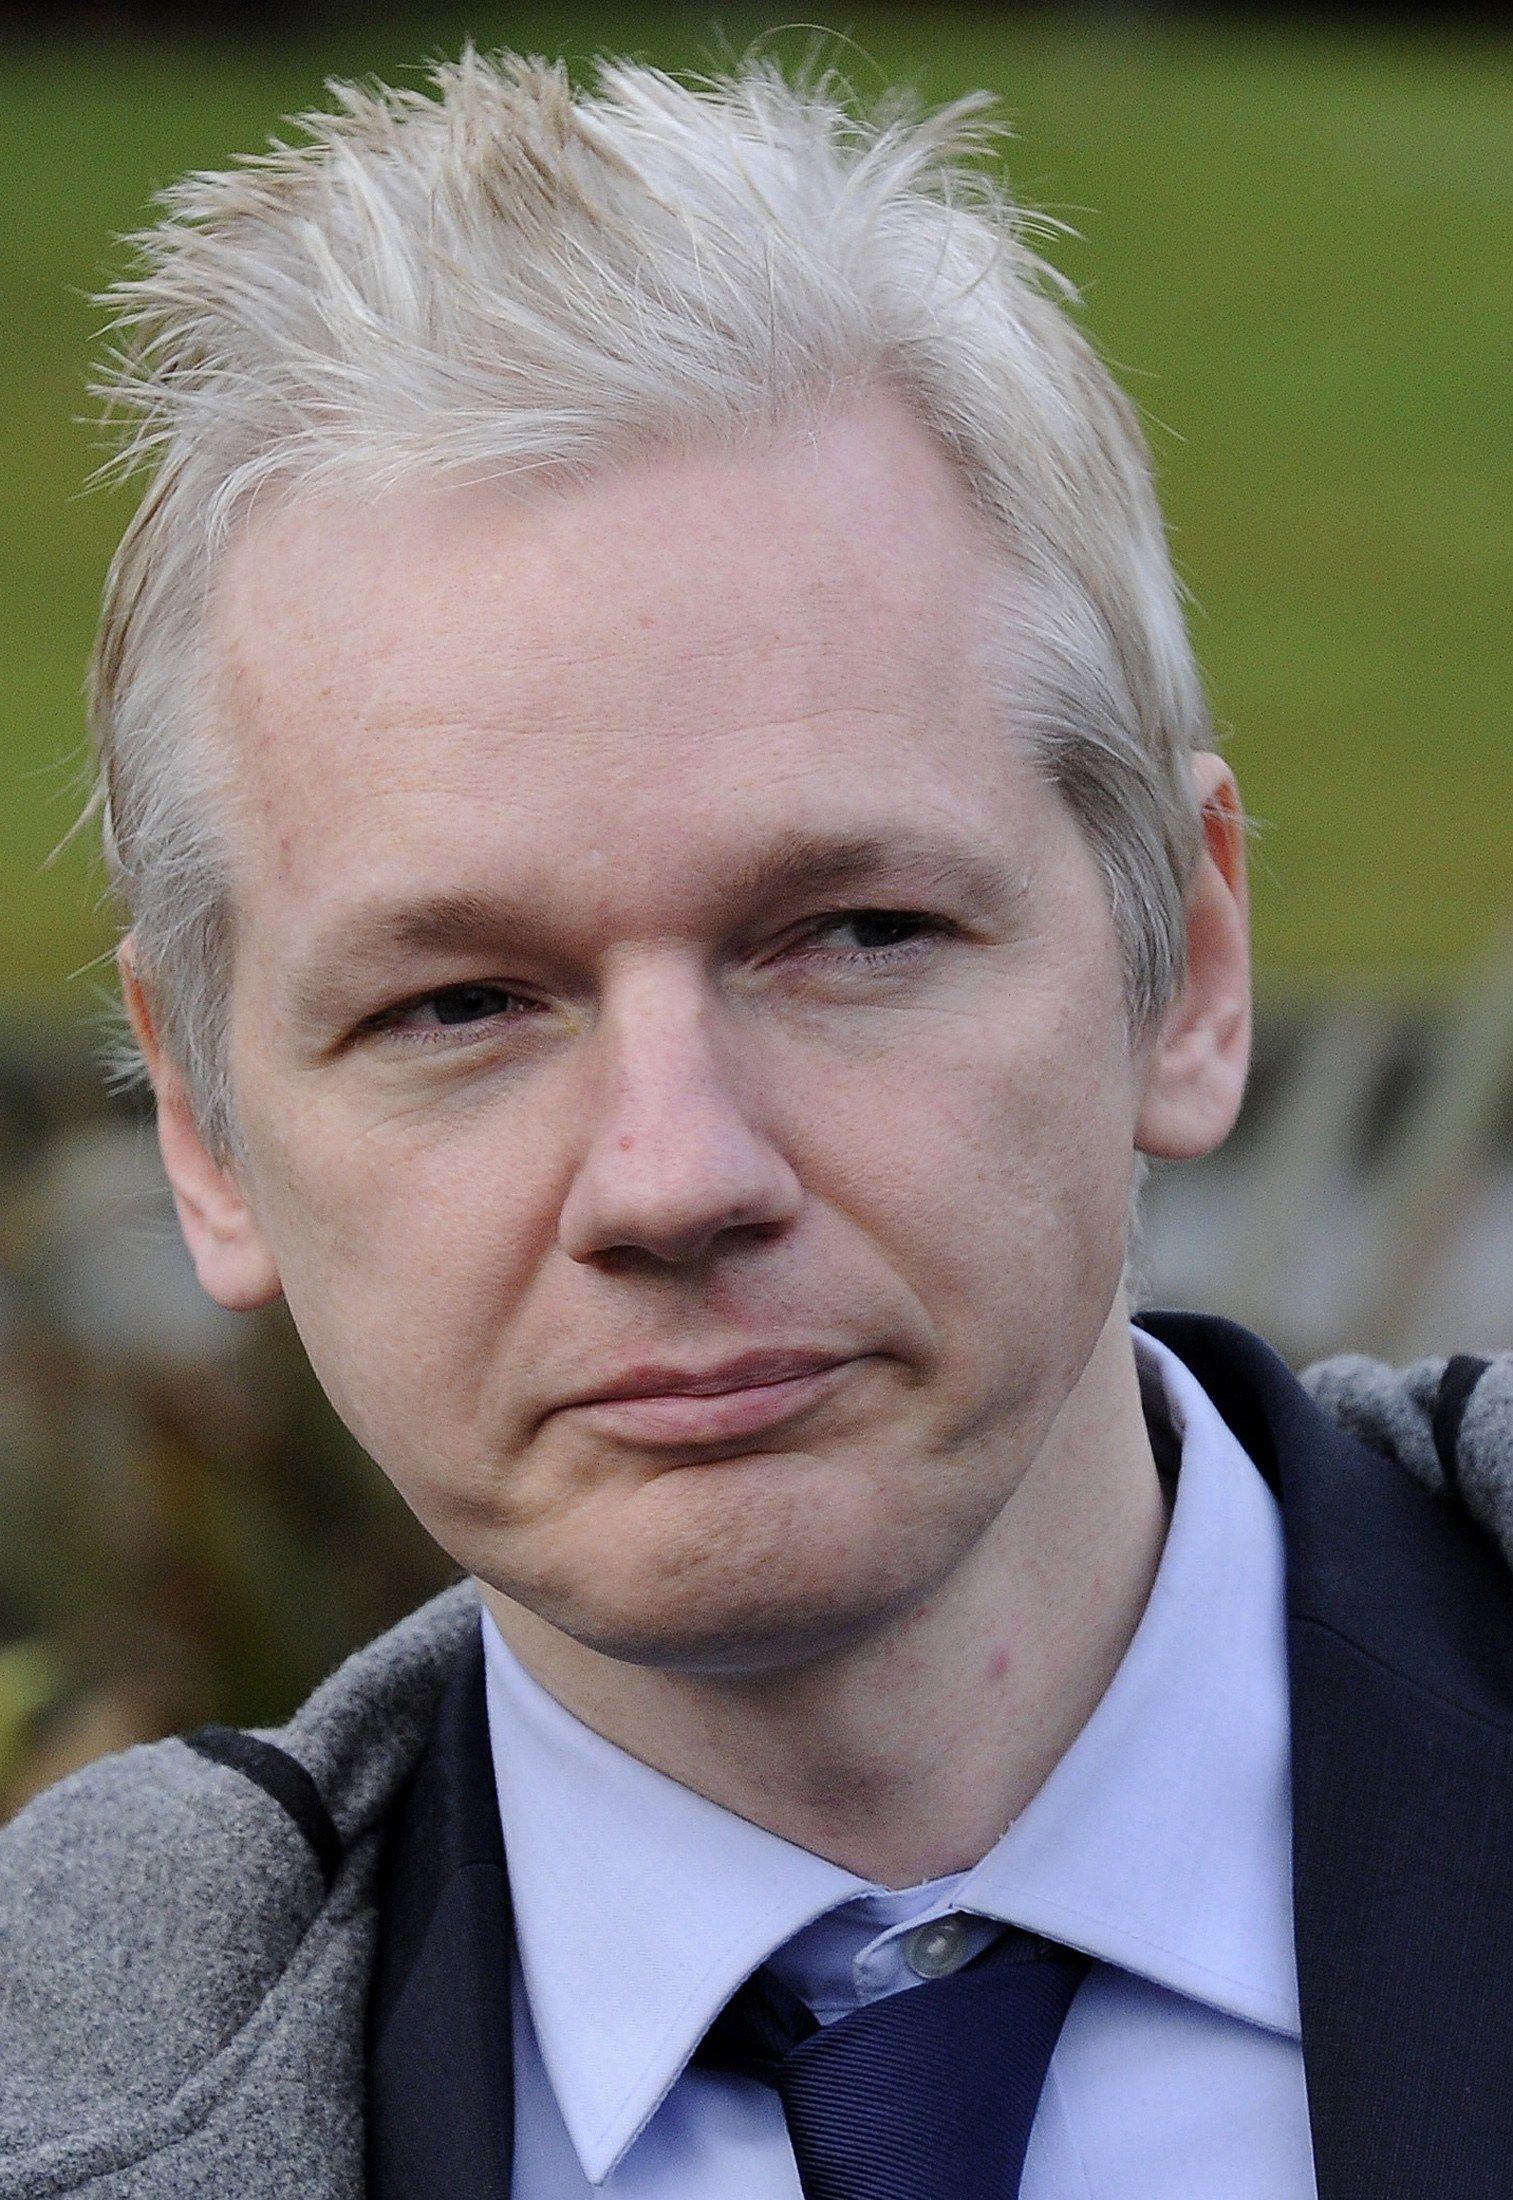 Assange / Wikileaks